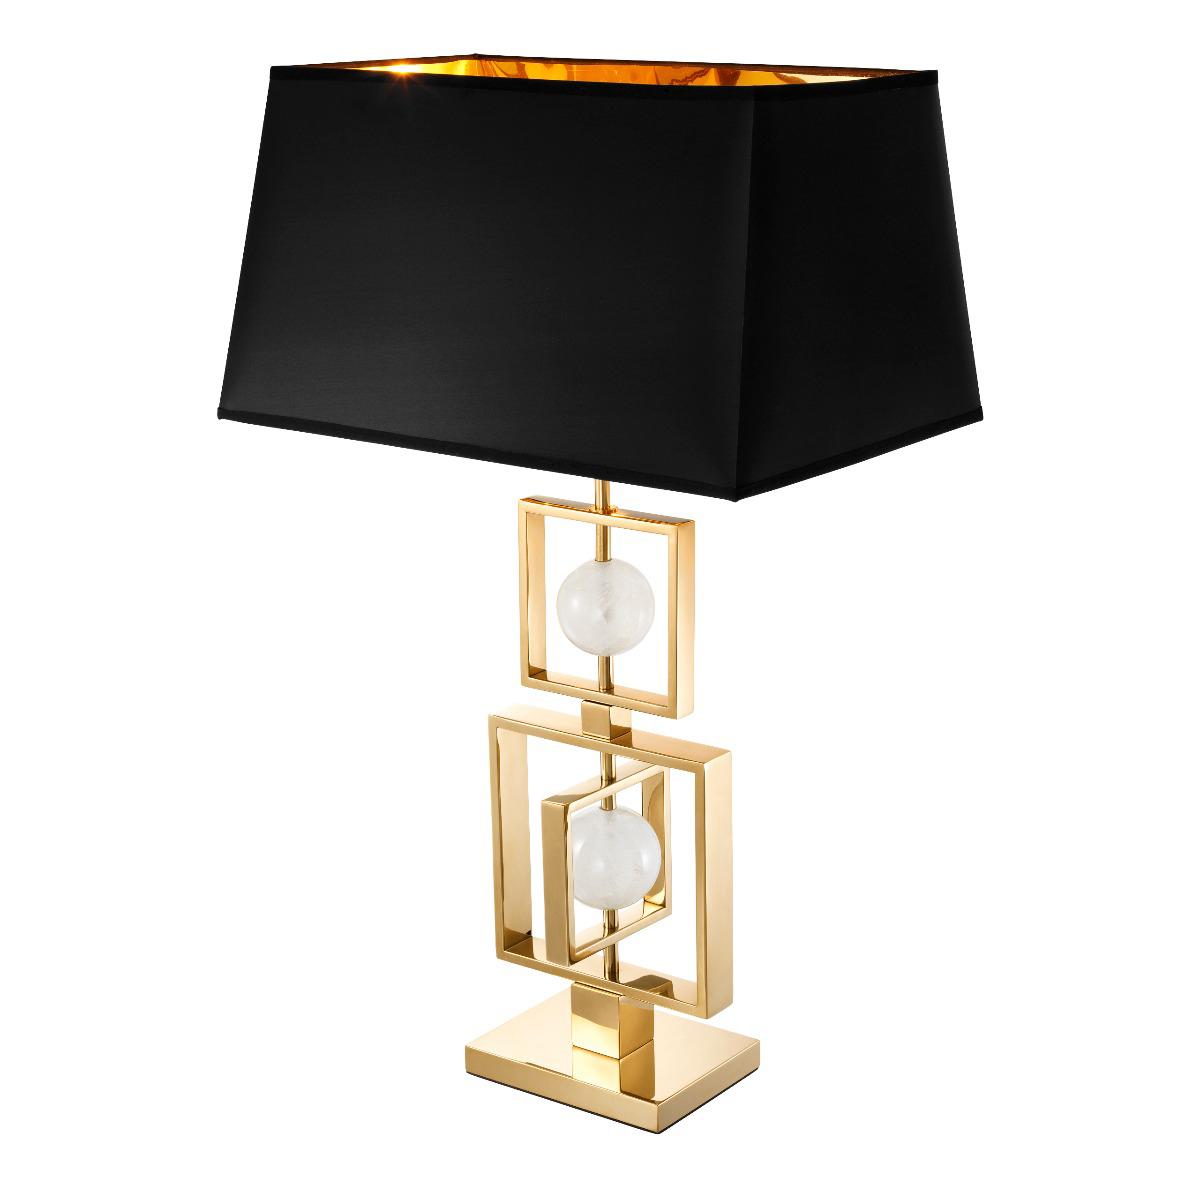 Lampa stołowa z abażurem Avola 125x66x52 cm